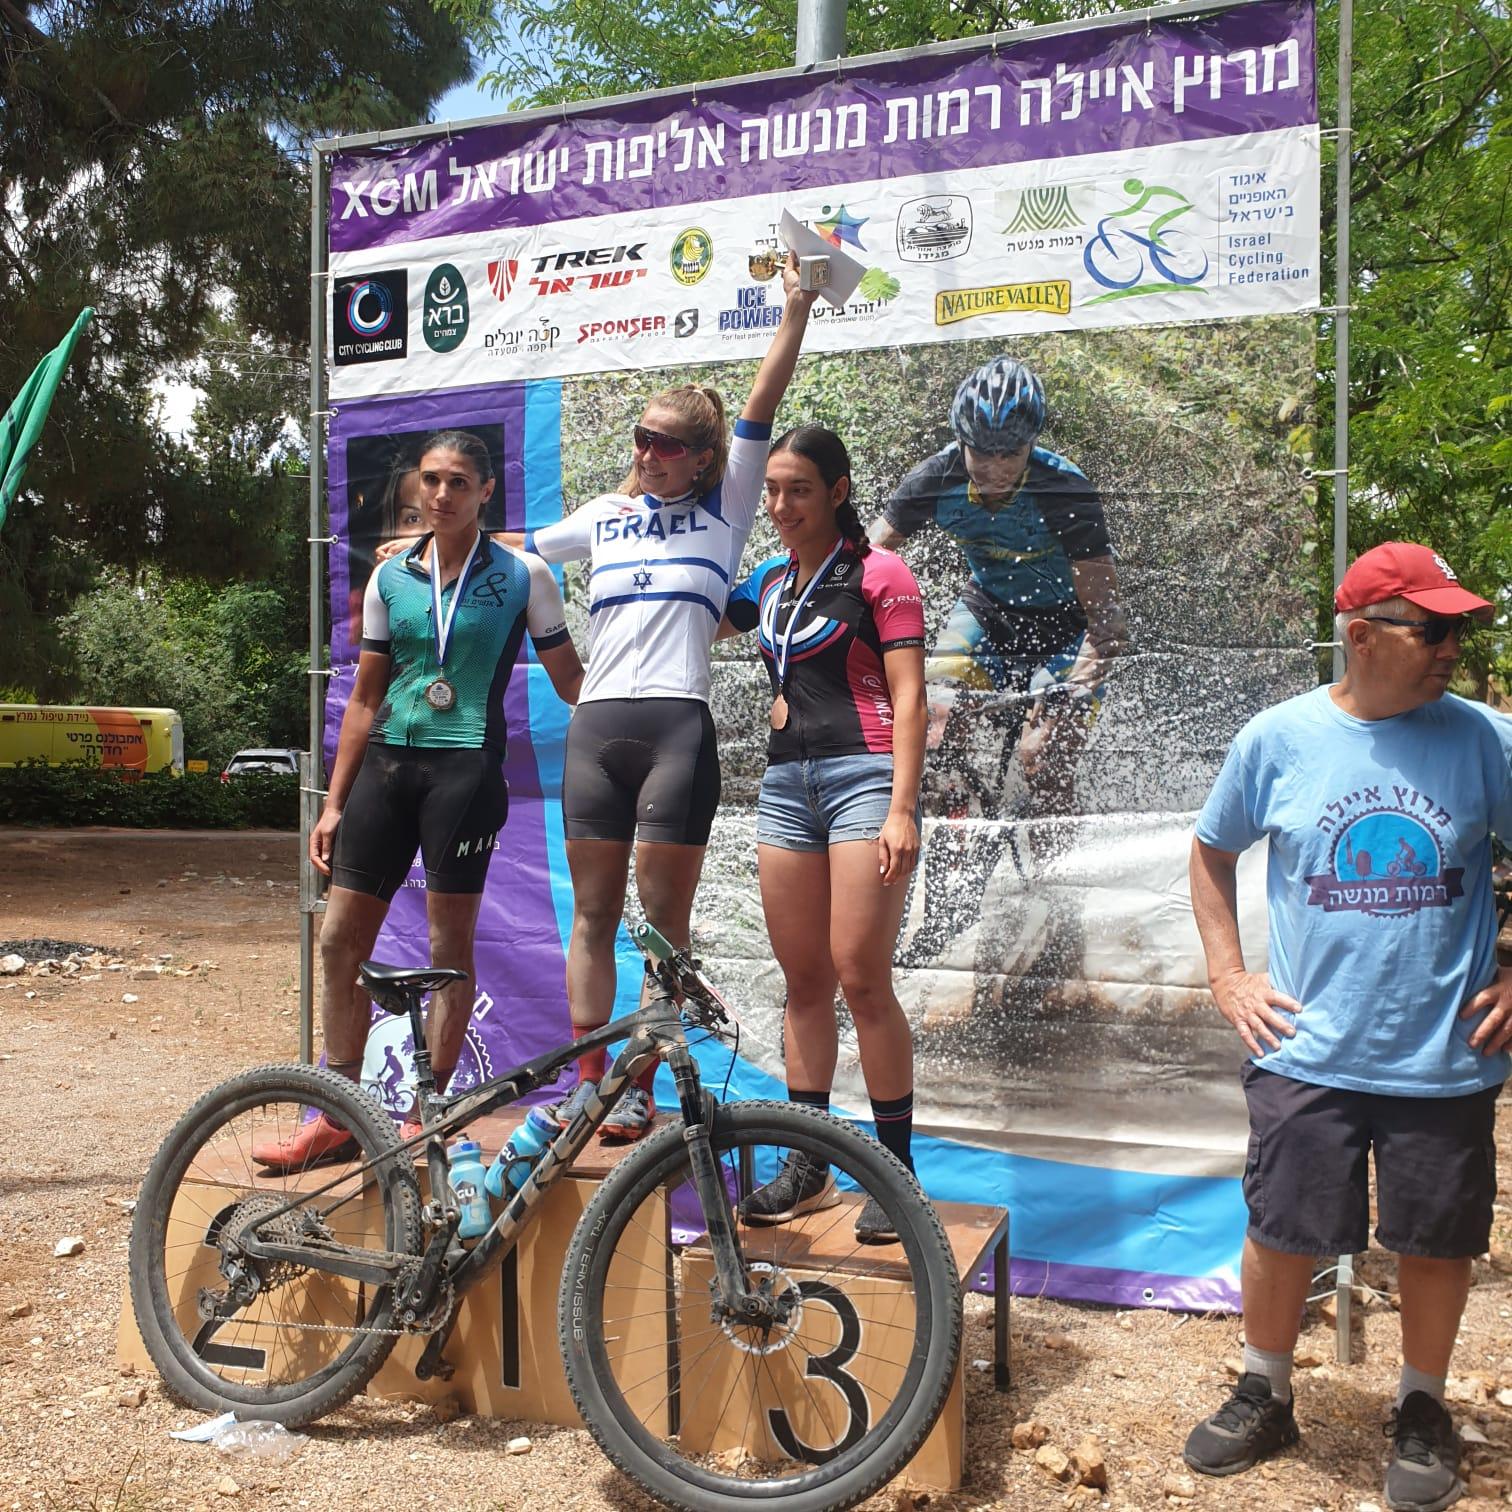 הספורט ניצח: אליפות ישראל במרתון אופני הרים באירוח מועדון עצמה City cycling club